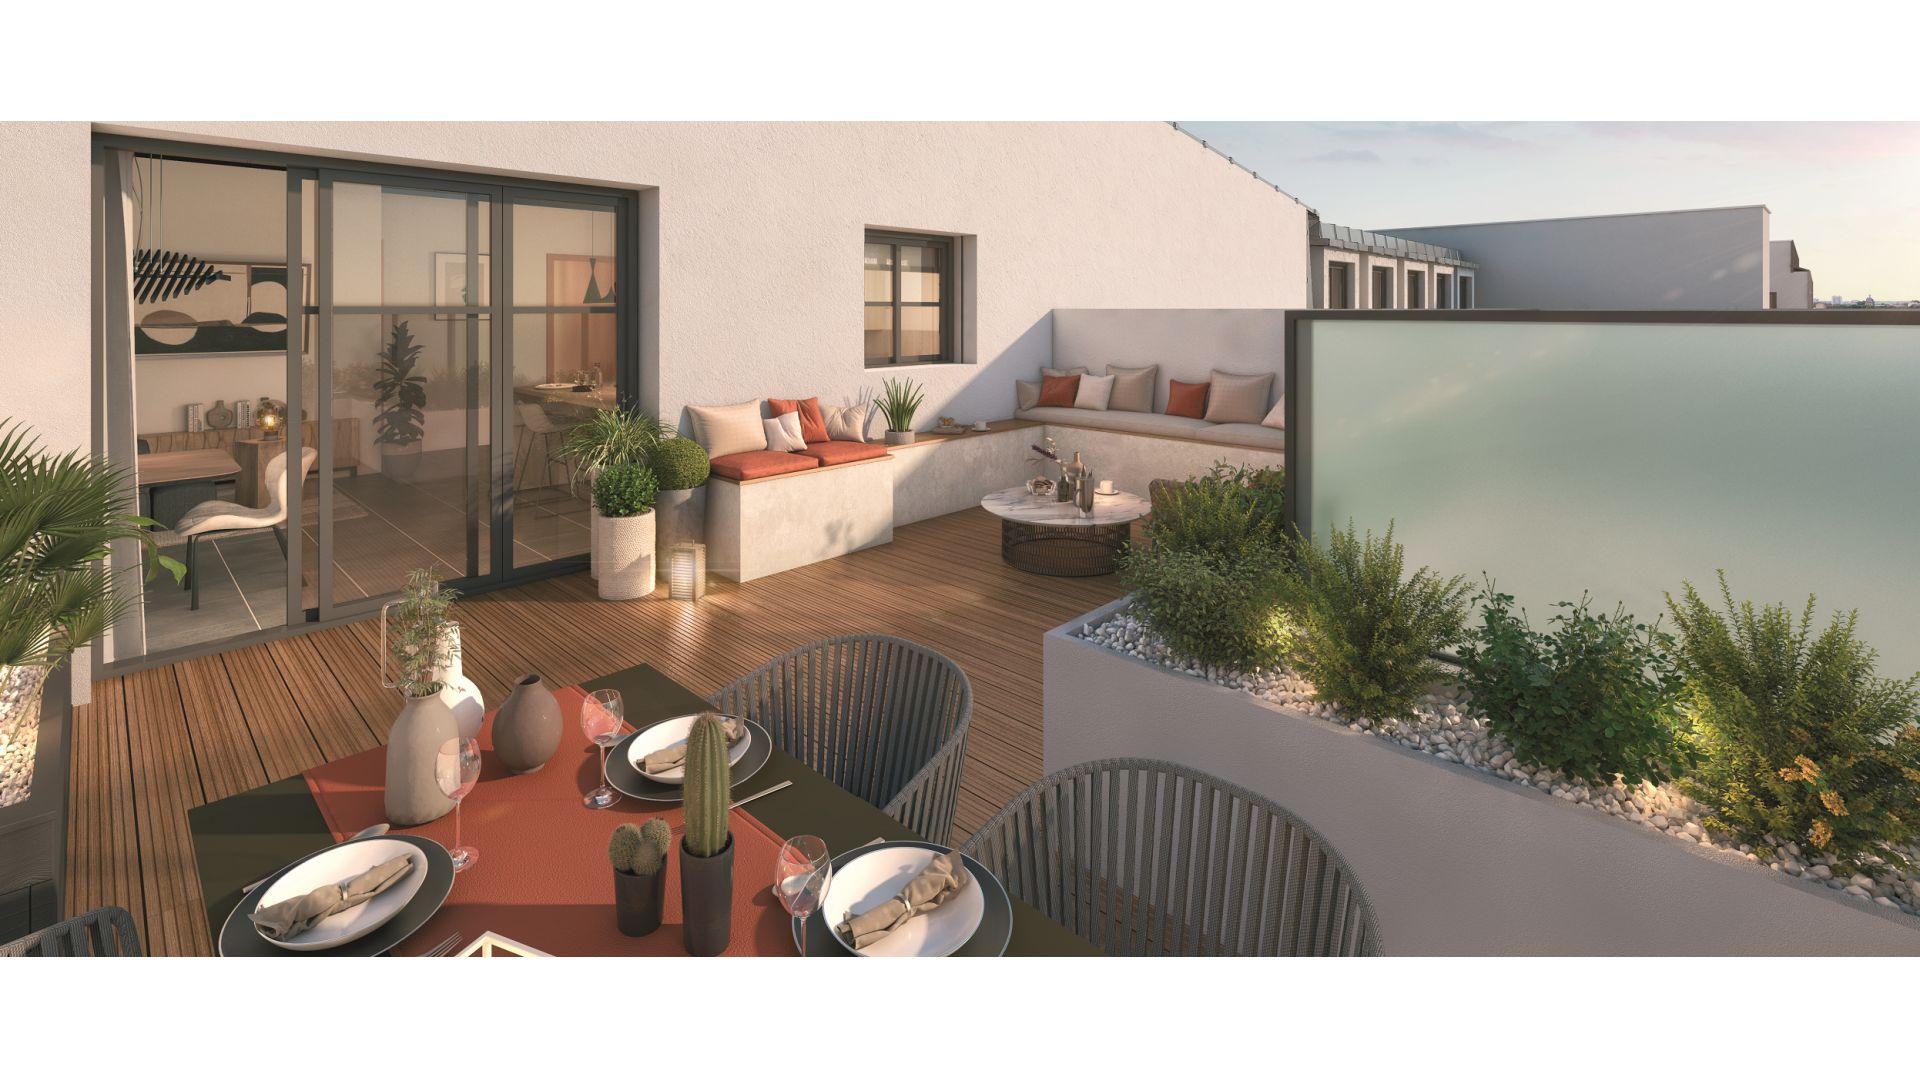 Greencity Immobilier - Cours Boileau - achat appartements neufs du T1 au T5 - Aulnay-sous-Bois - 93600  - vue terrasse